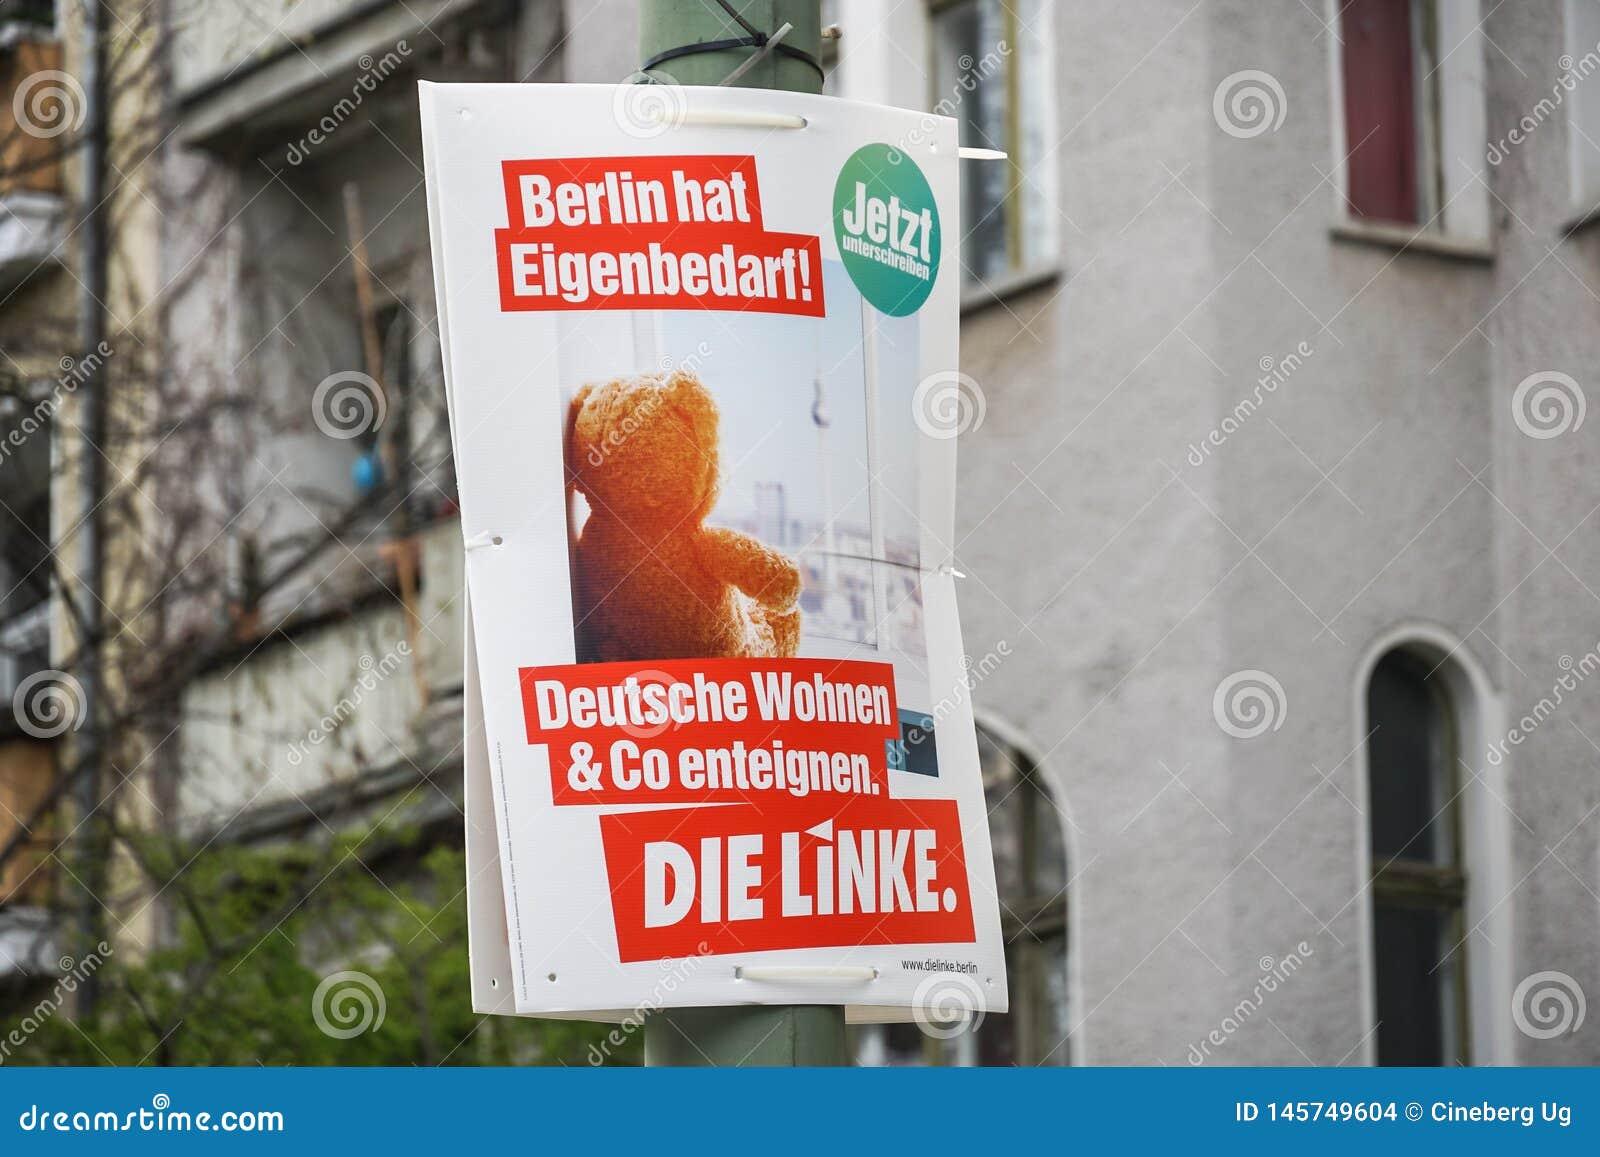 Linke Poster